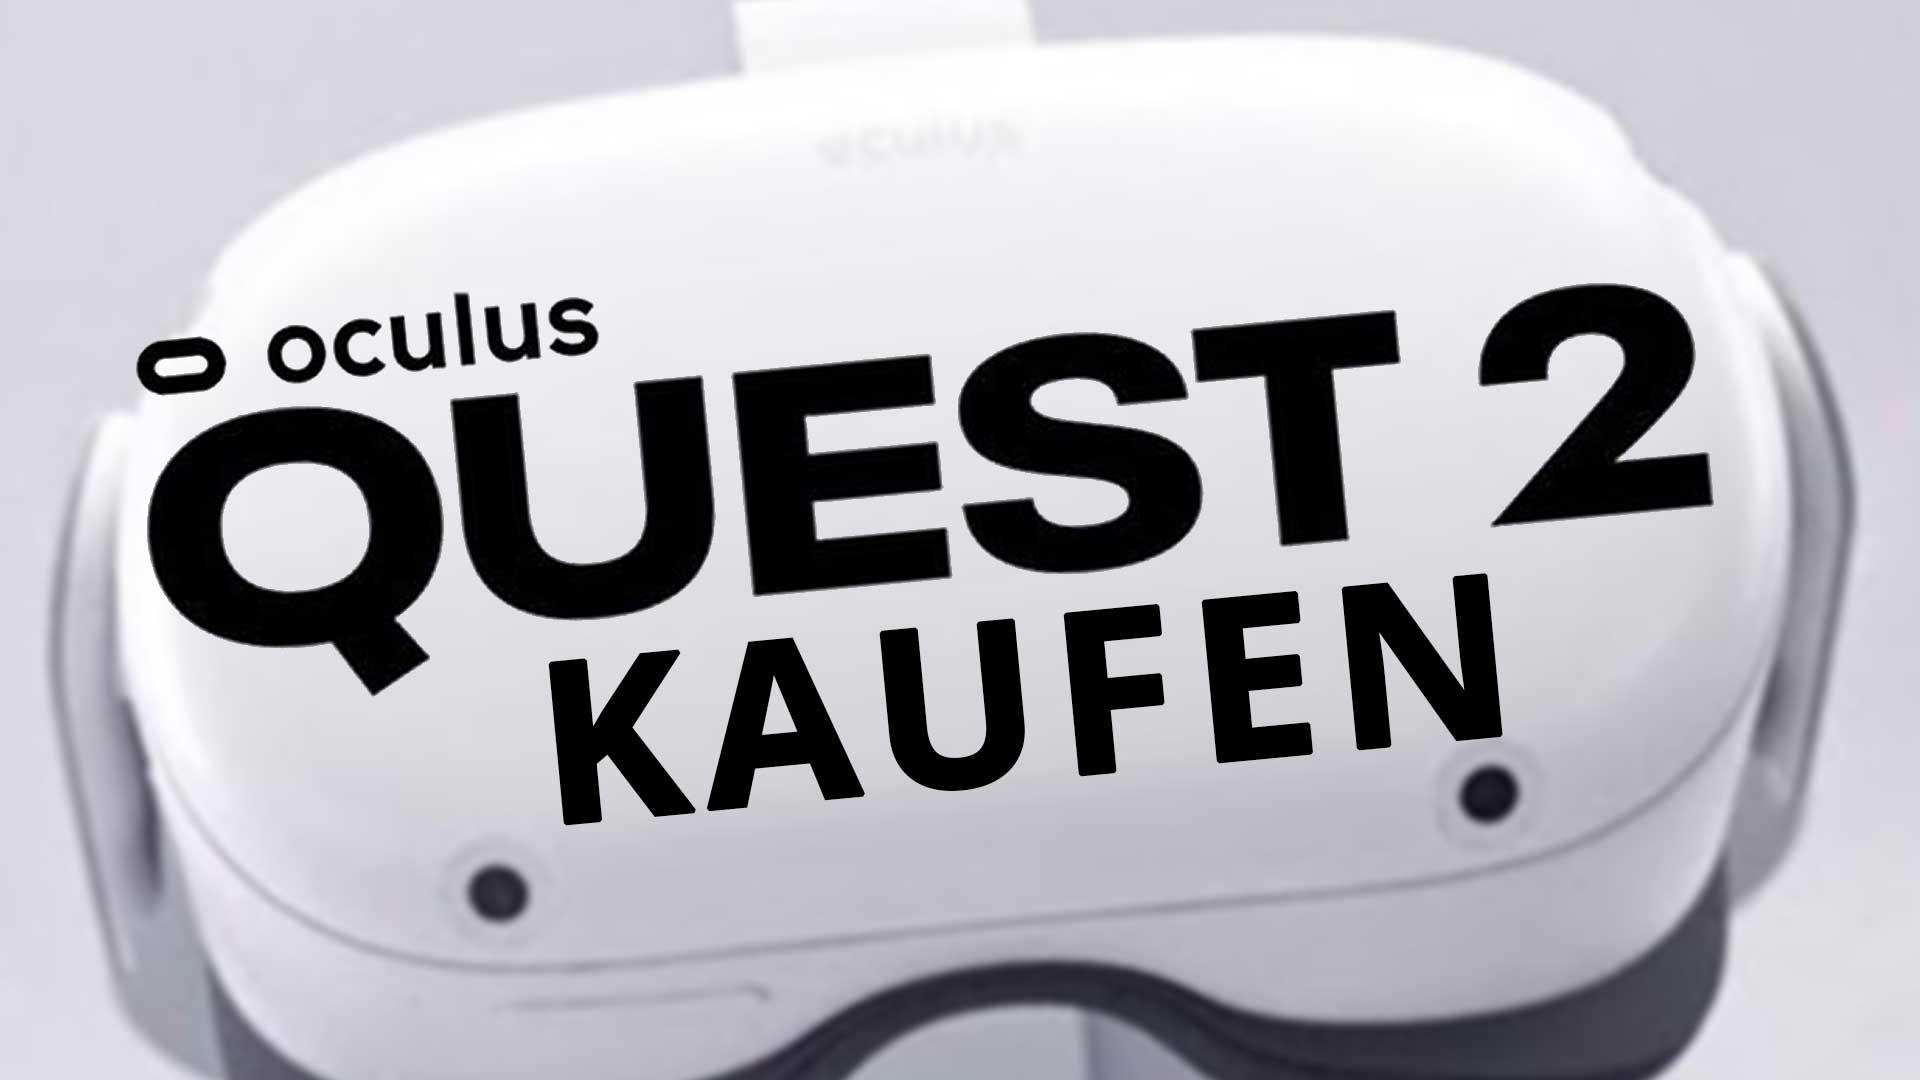 oculus quest 2 kaufen